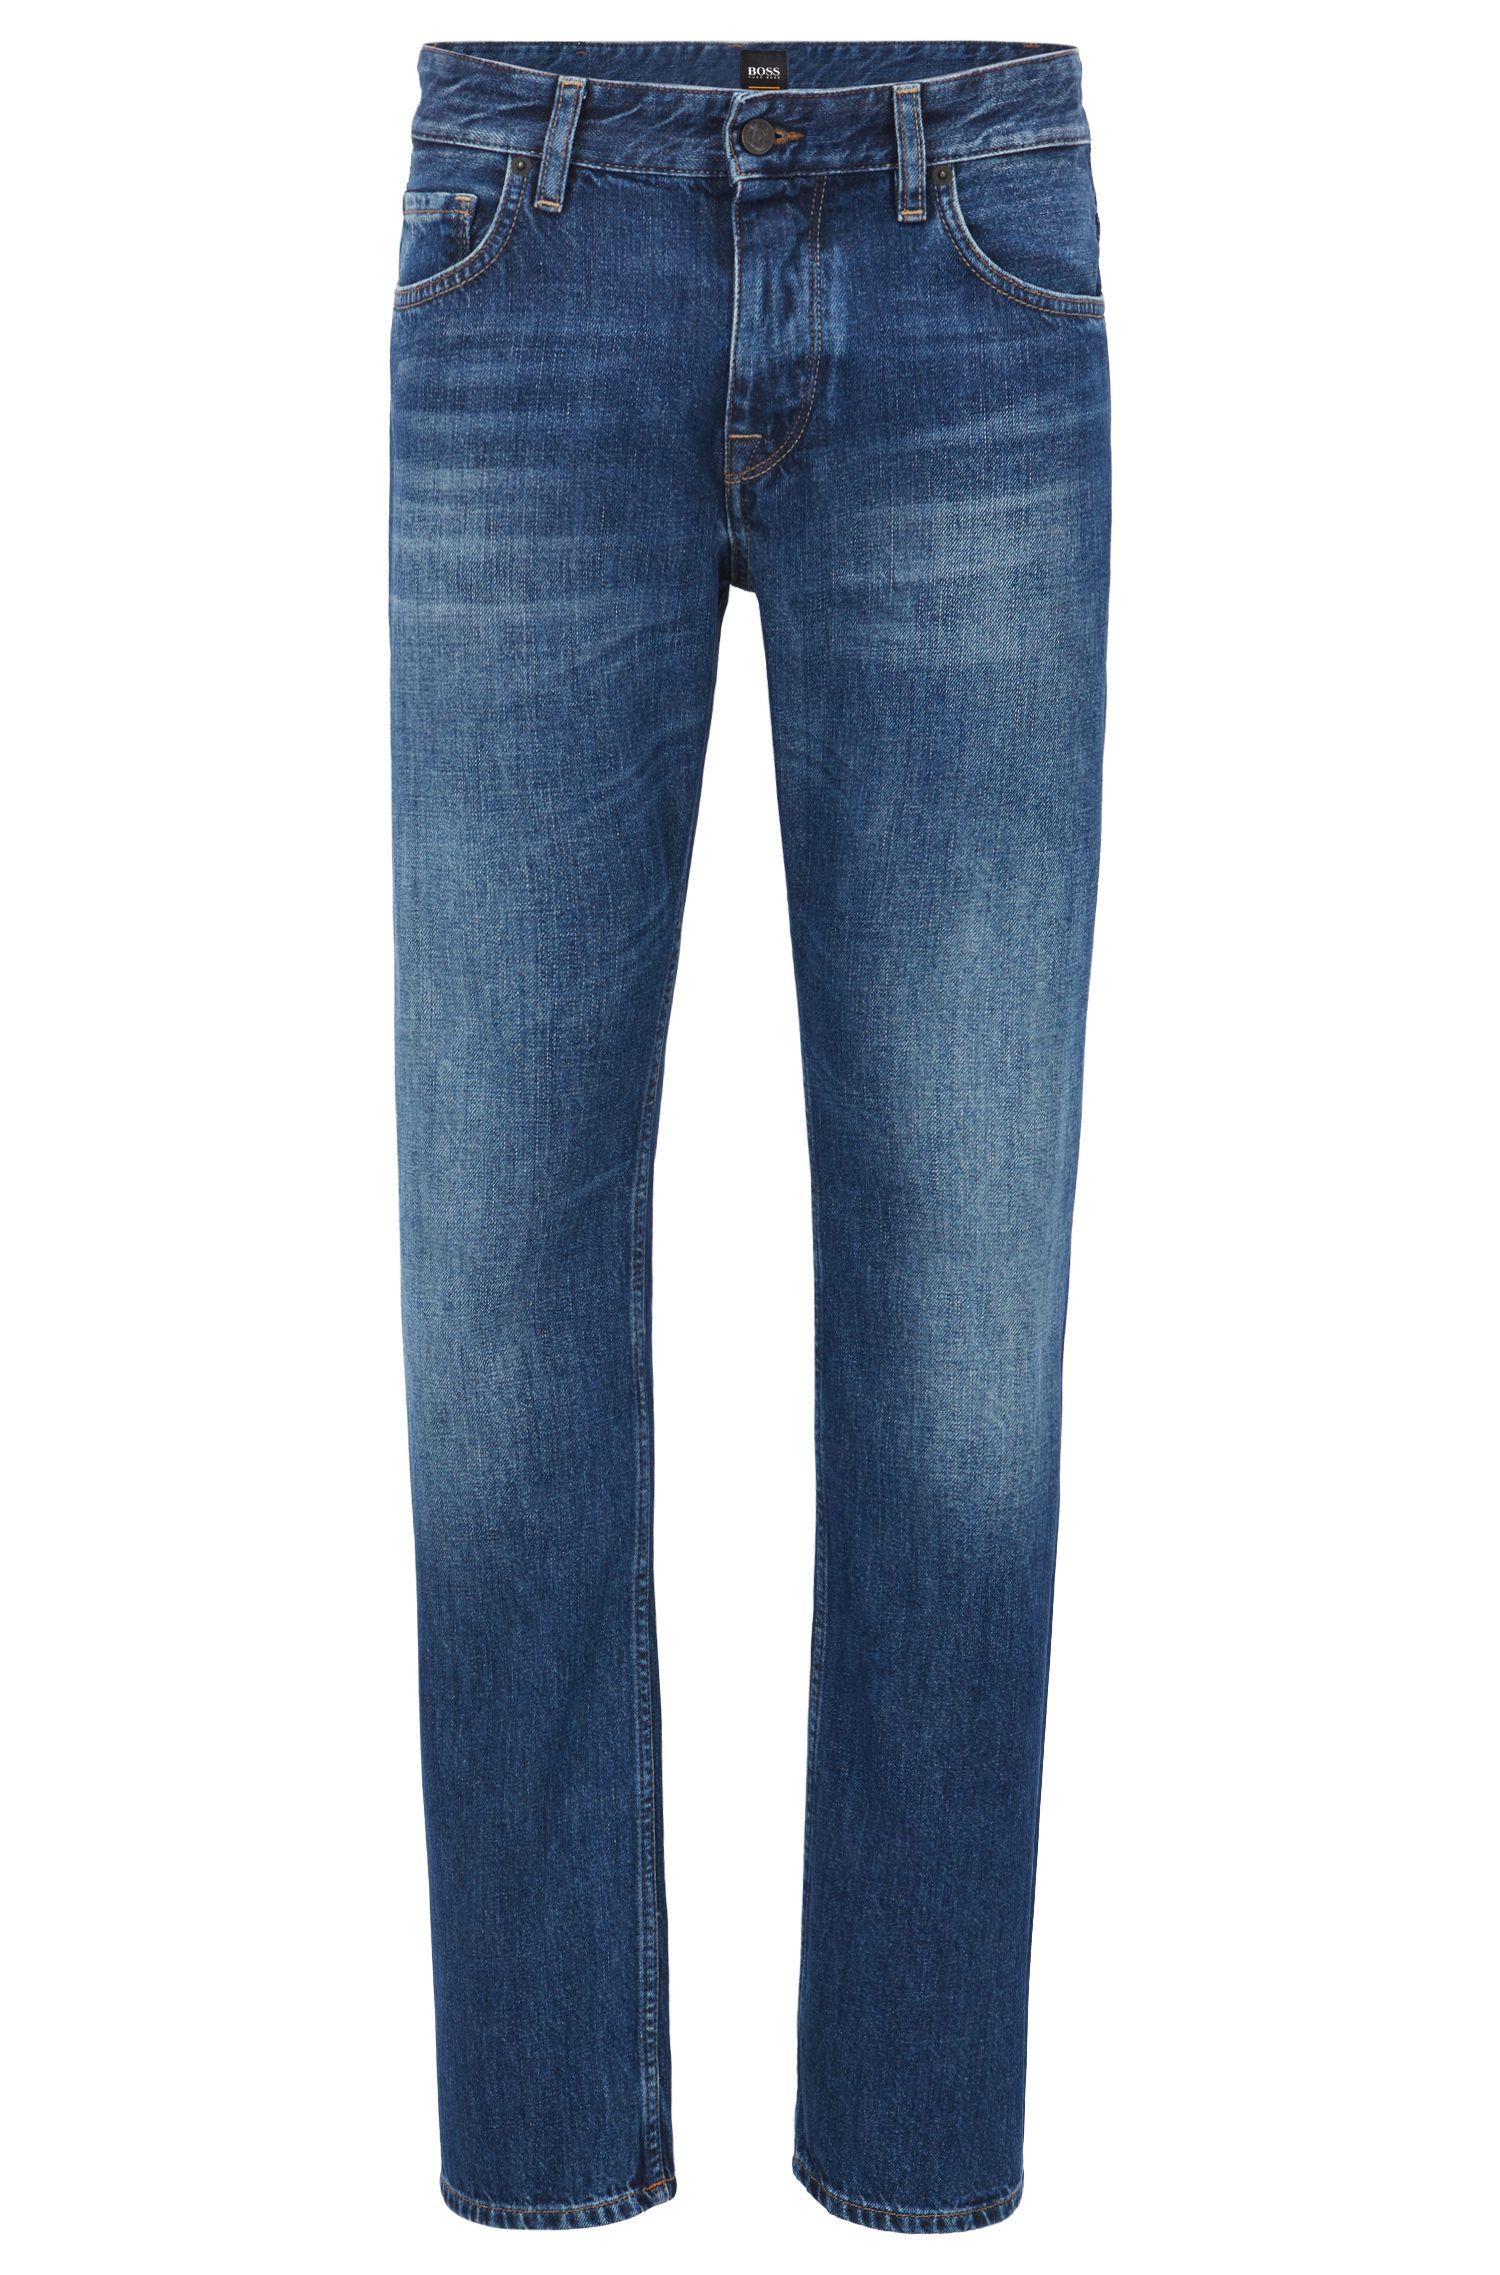 Jeans BOSS Orange Regular Fit Stone Wash, à effet usé au laser